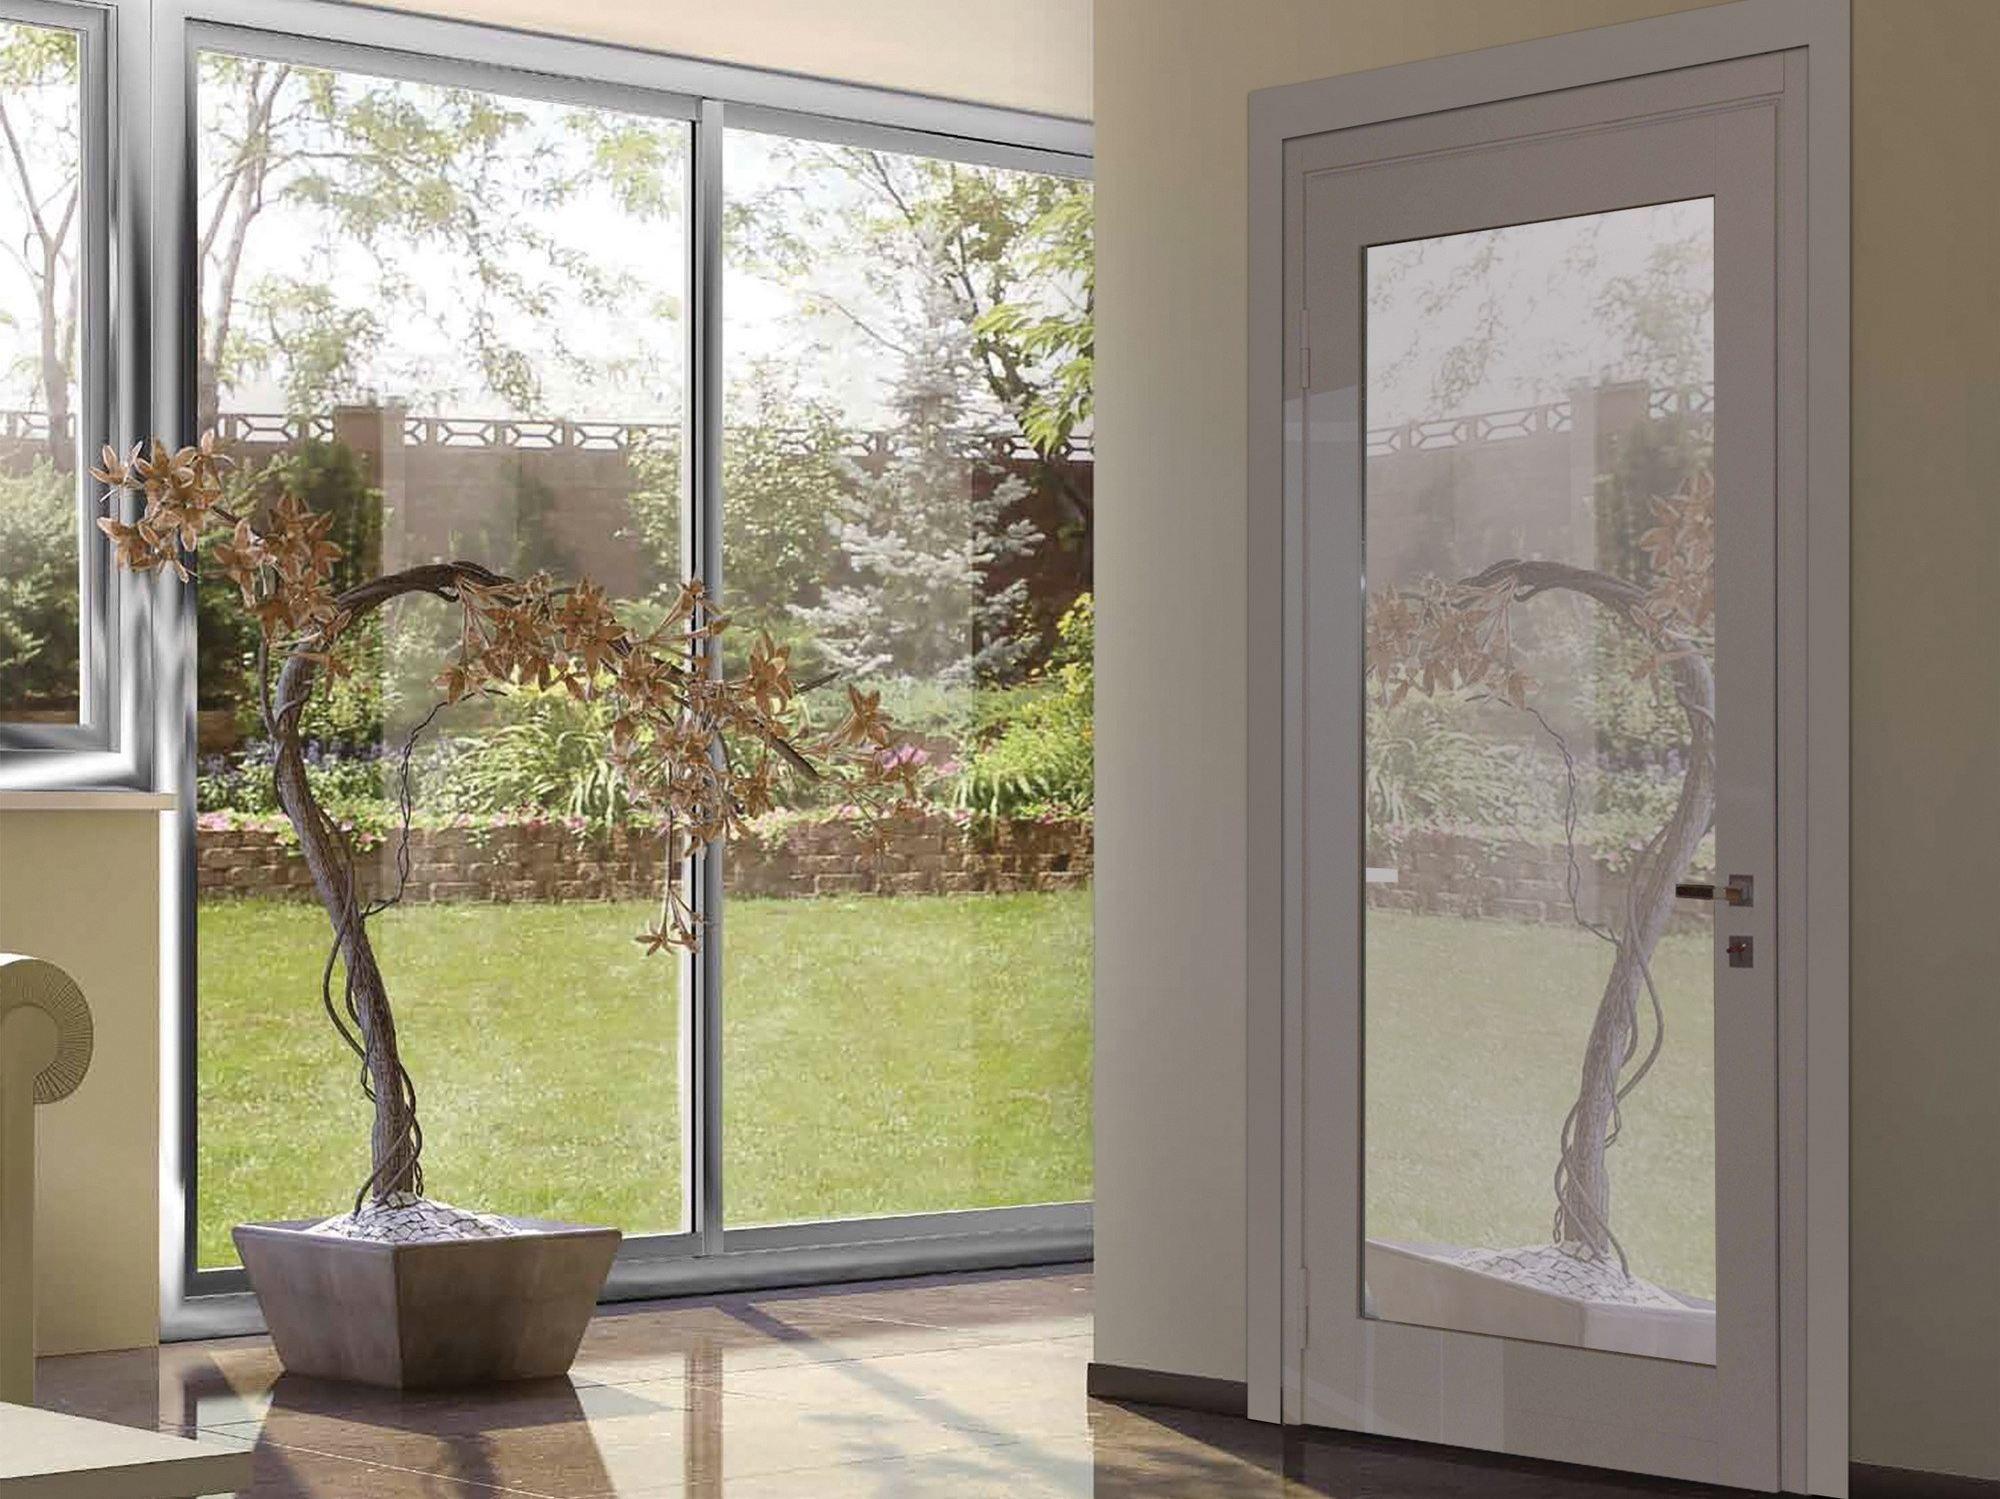 Porta d 39 ingresso acustica blindata in acciaio e vetro - Porte ingresso vetro ...